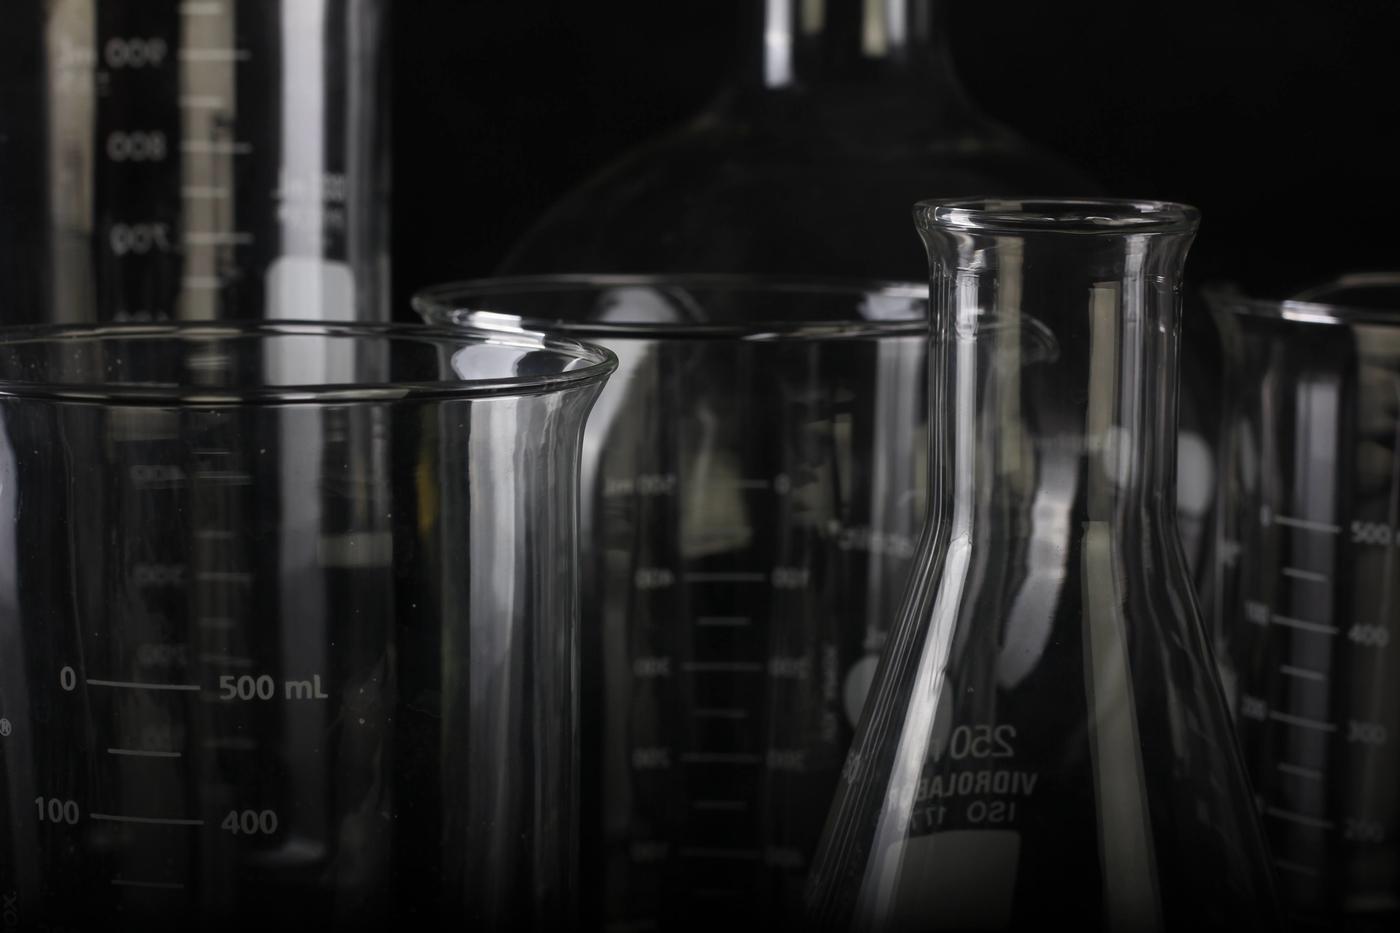 kemikaalit.jpg